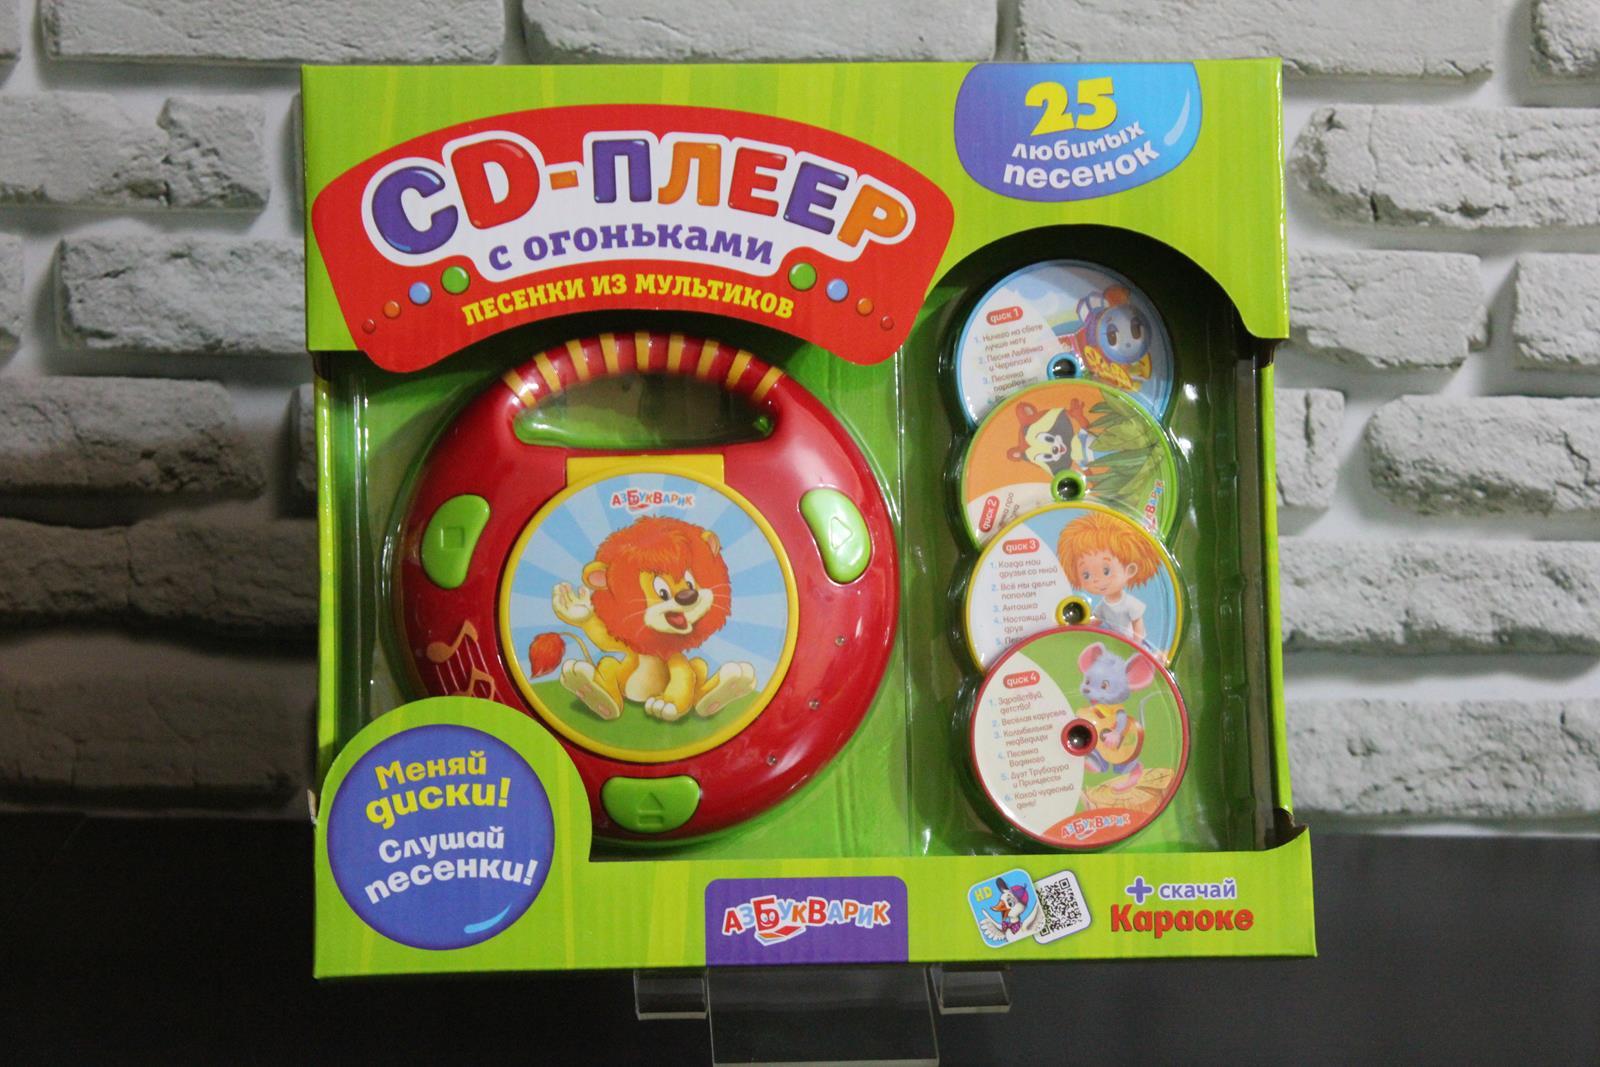 CD - плеер с огоньками Песенки из мультиков Азбукварик